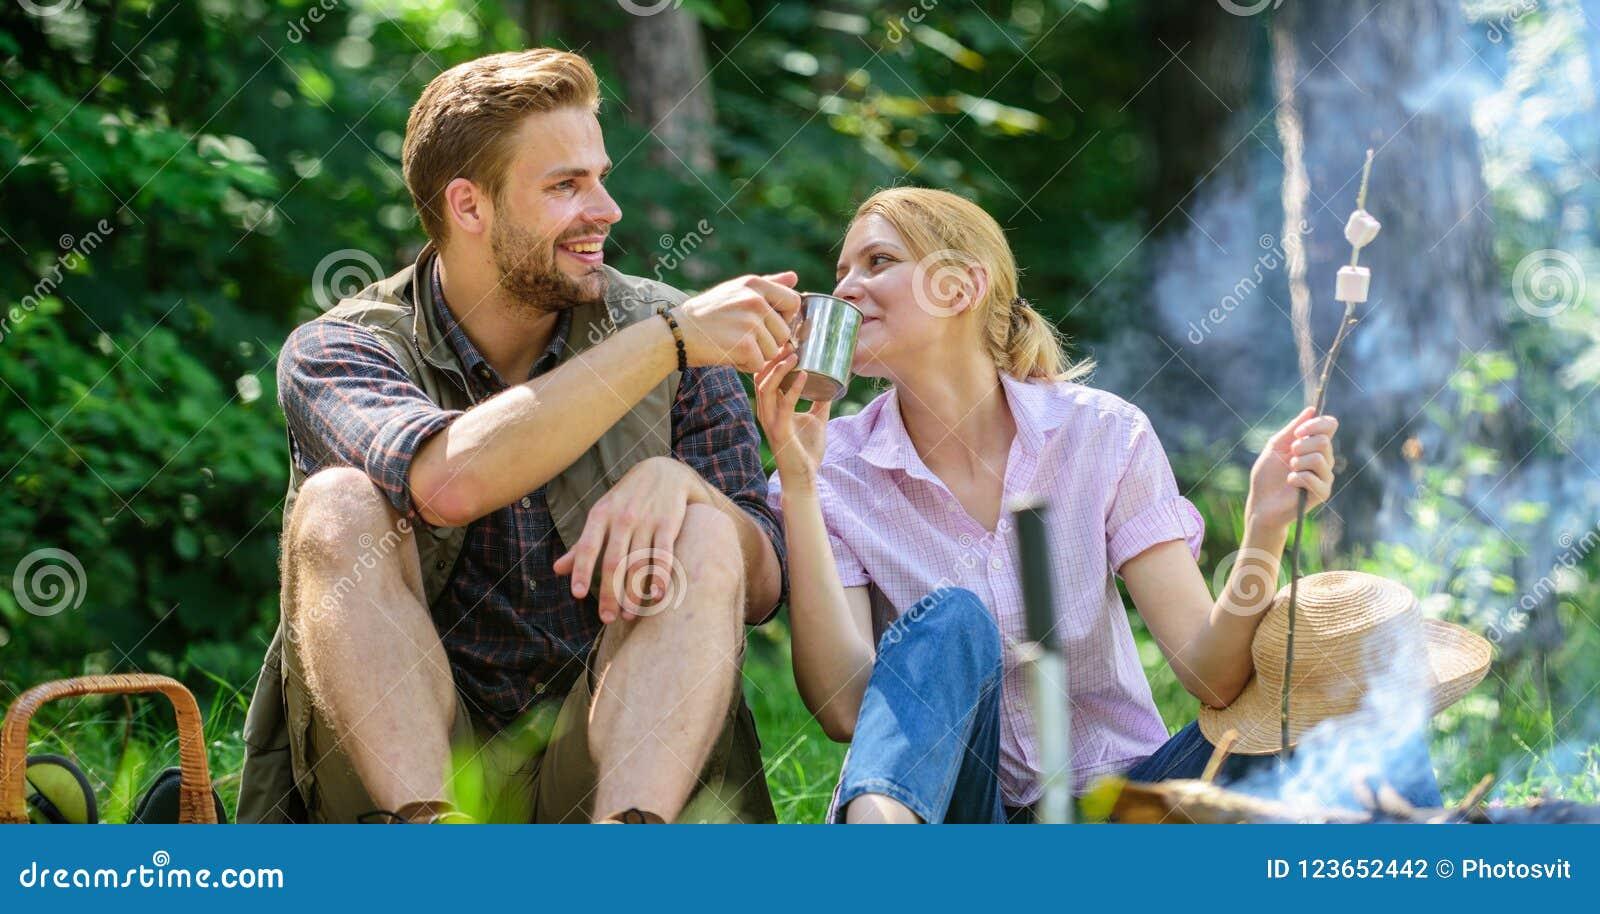 Helgpicknick Mat för vandring och att campa Par sitter nära brasa äter mellanmål och drinken Partagandeavbrott som äter naturen